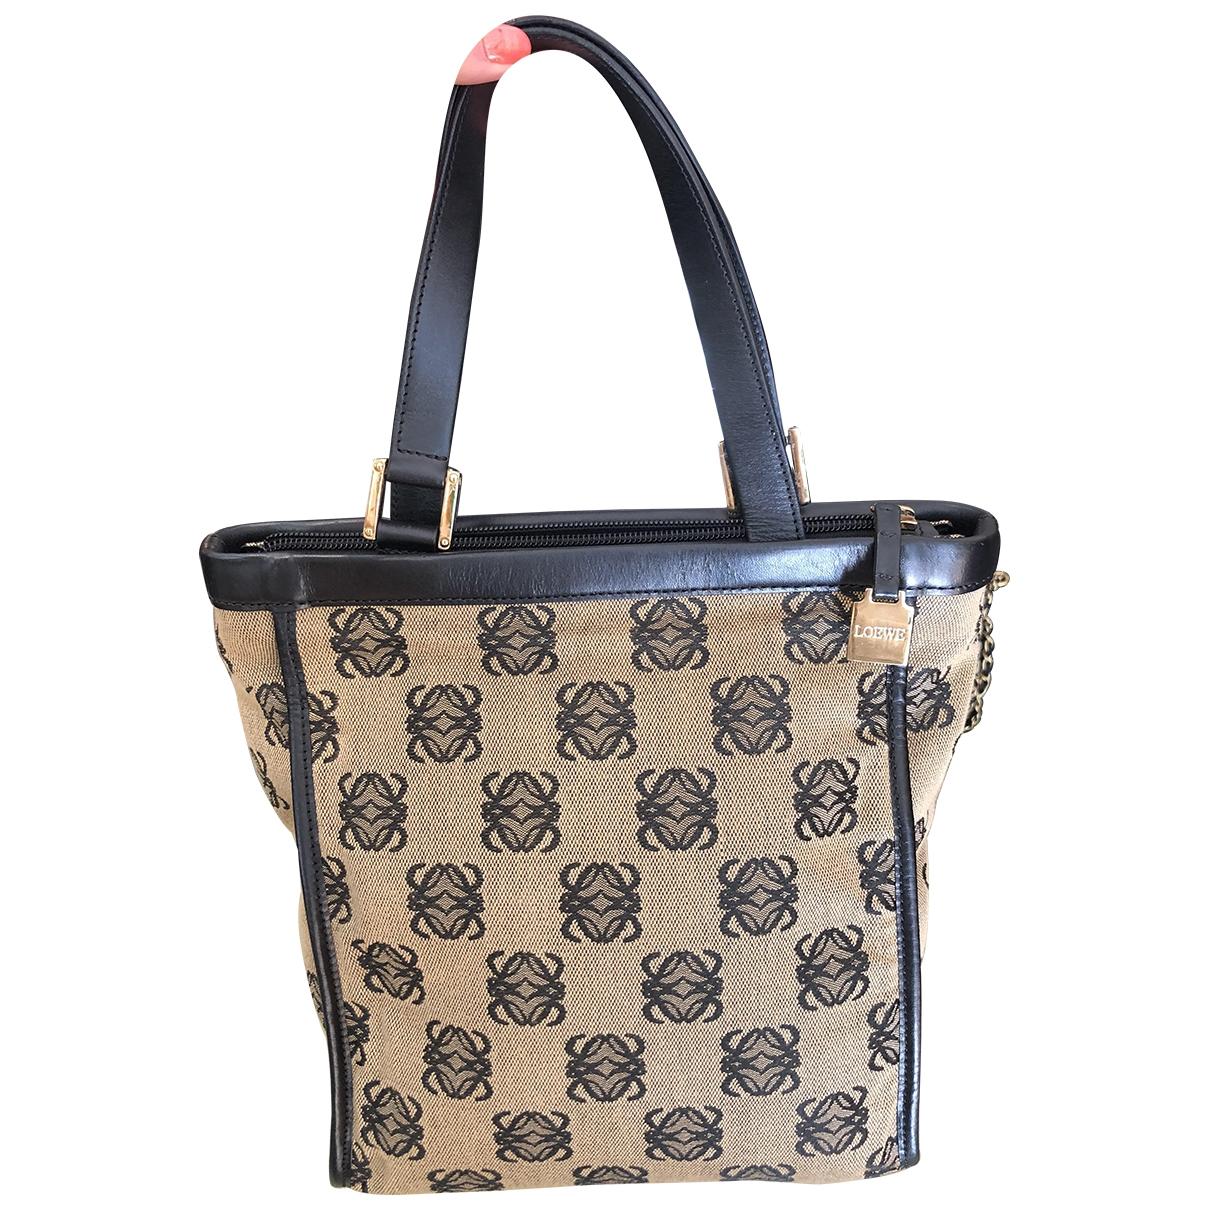 Loewe \N Navy Cloth handbag for Women \N